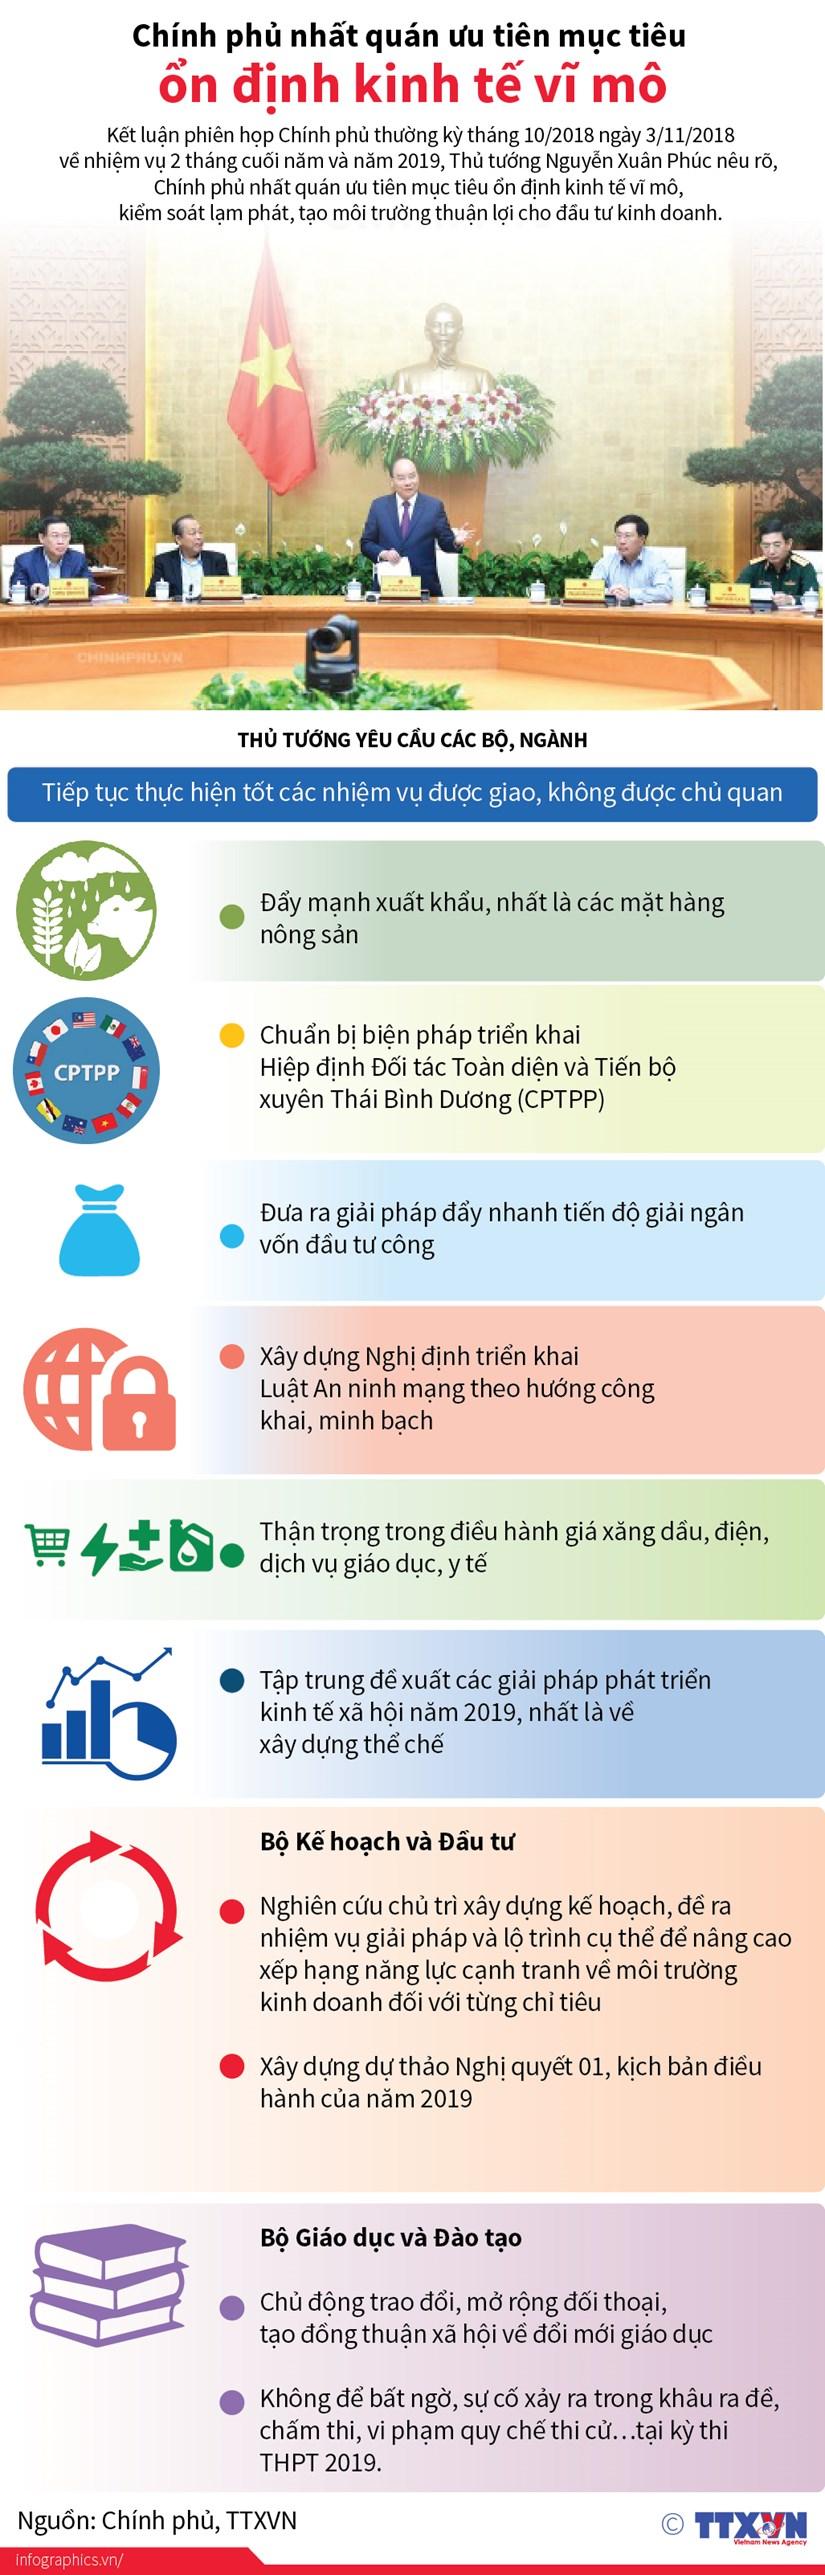 [Infographics] Chinh phu uu tien muc tieu on dinh kinh te vi mo hinh anh 1